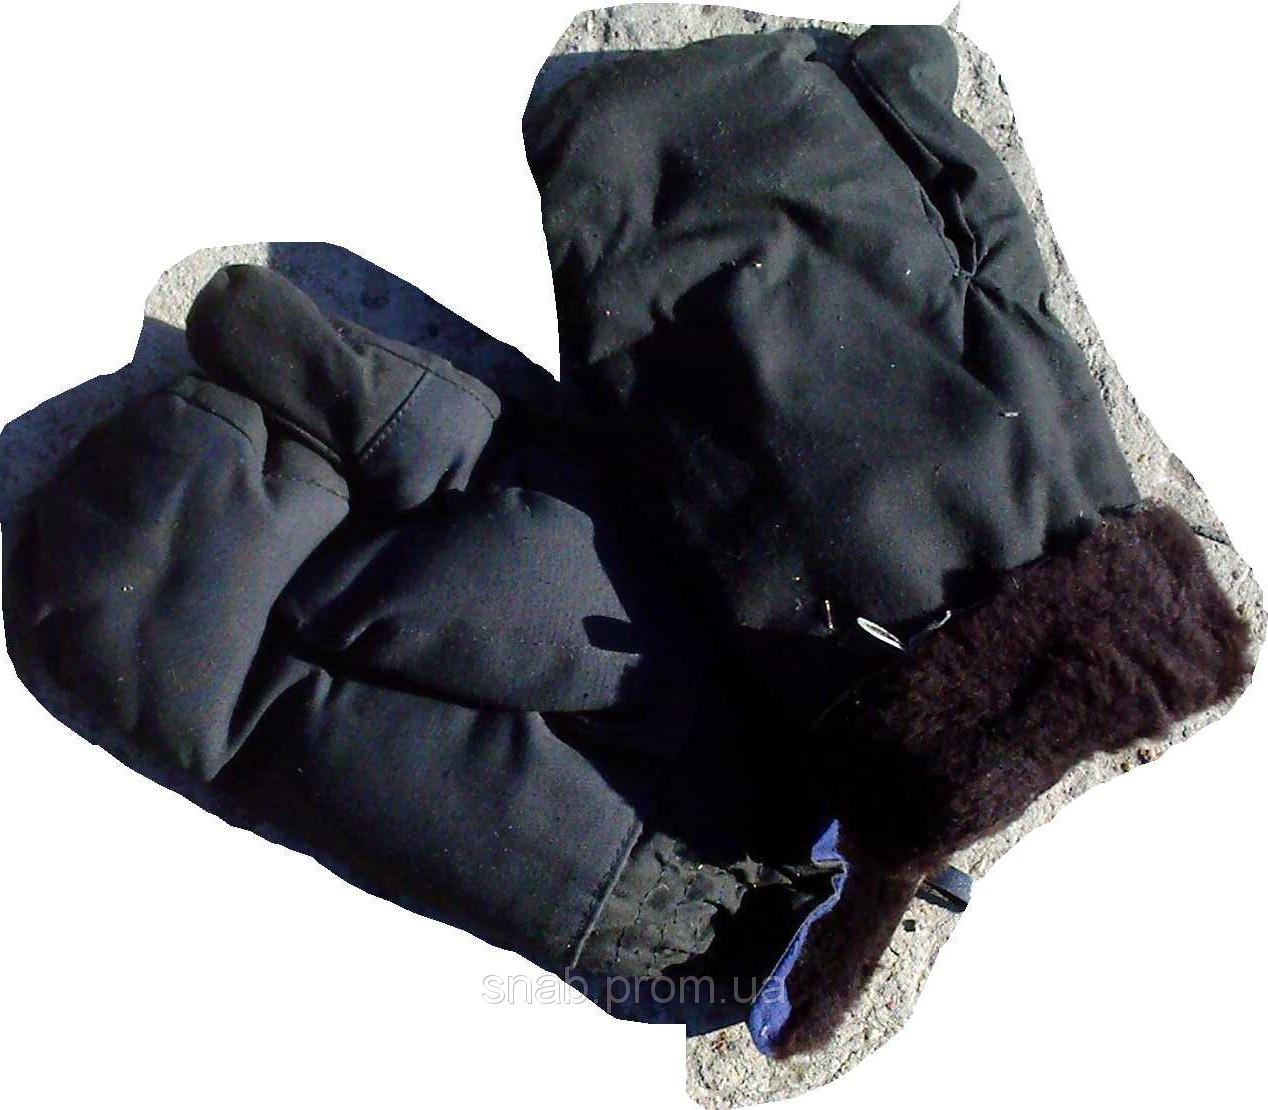 Меховые  рукавицы для рыбалки